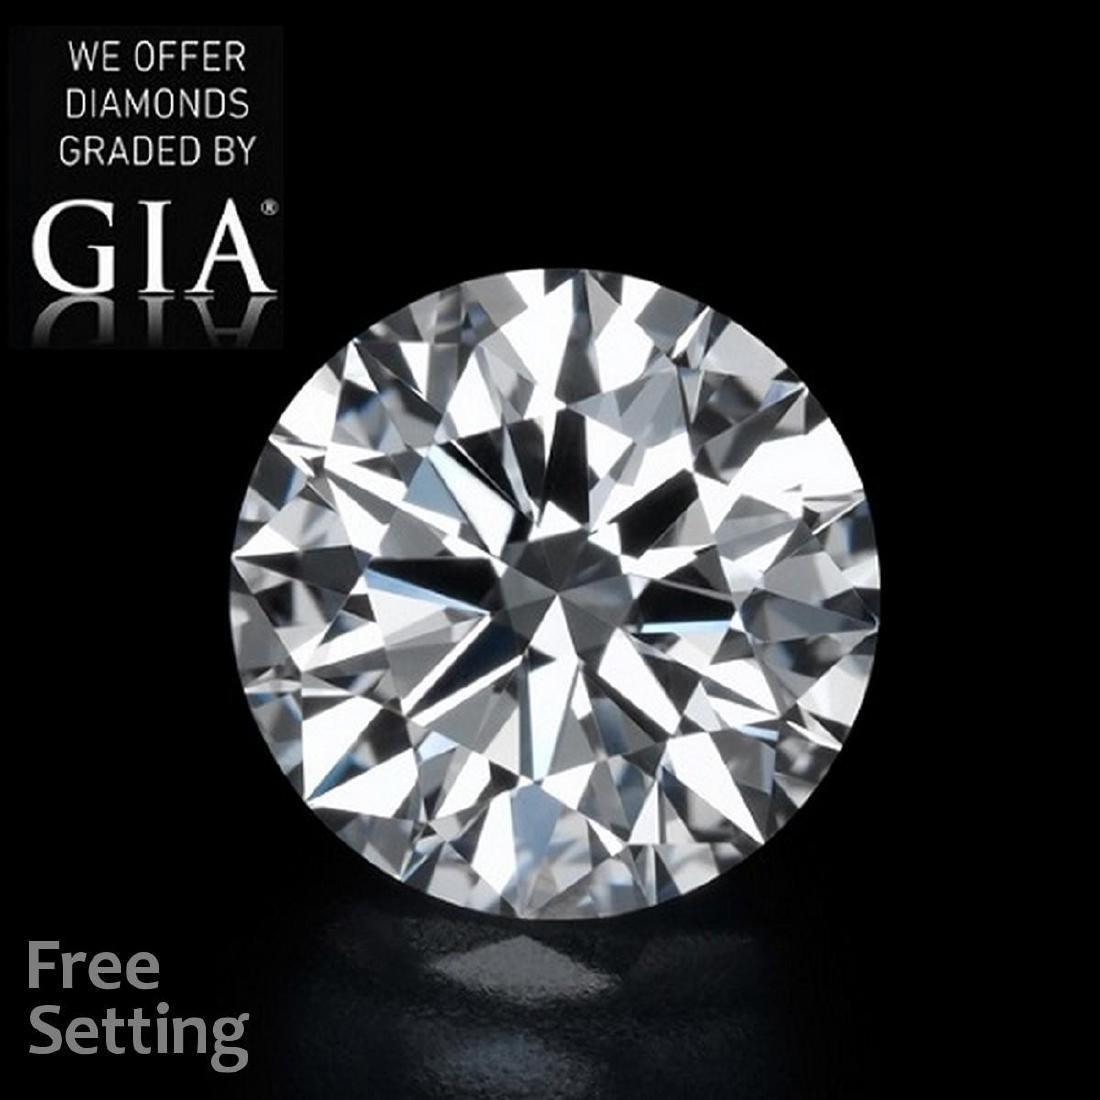 3.02 ct, Color G/VVS1, Round cut Diamond